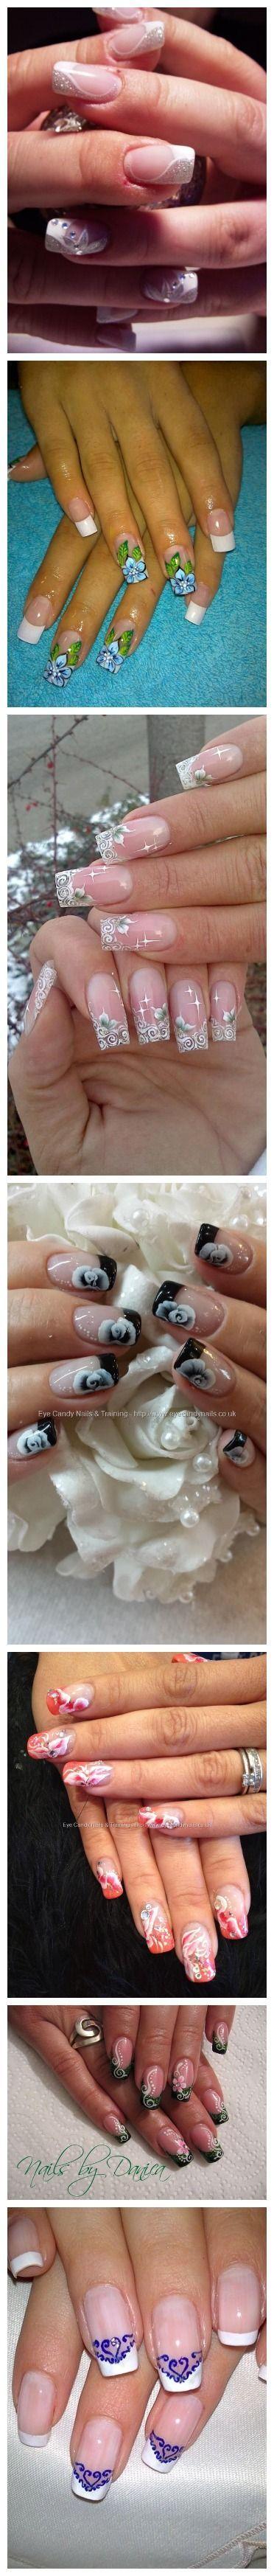 10 besten nails Bilder auf Pinterest | Frisuren, Beauty und Lacke